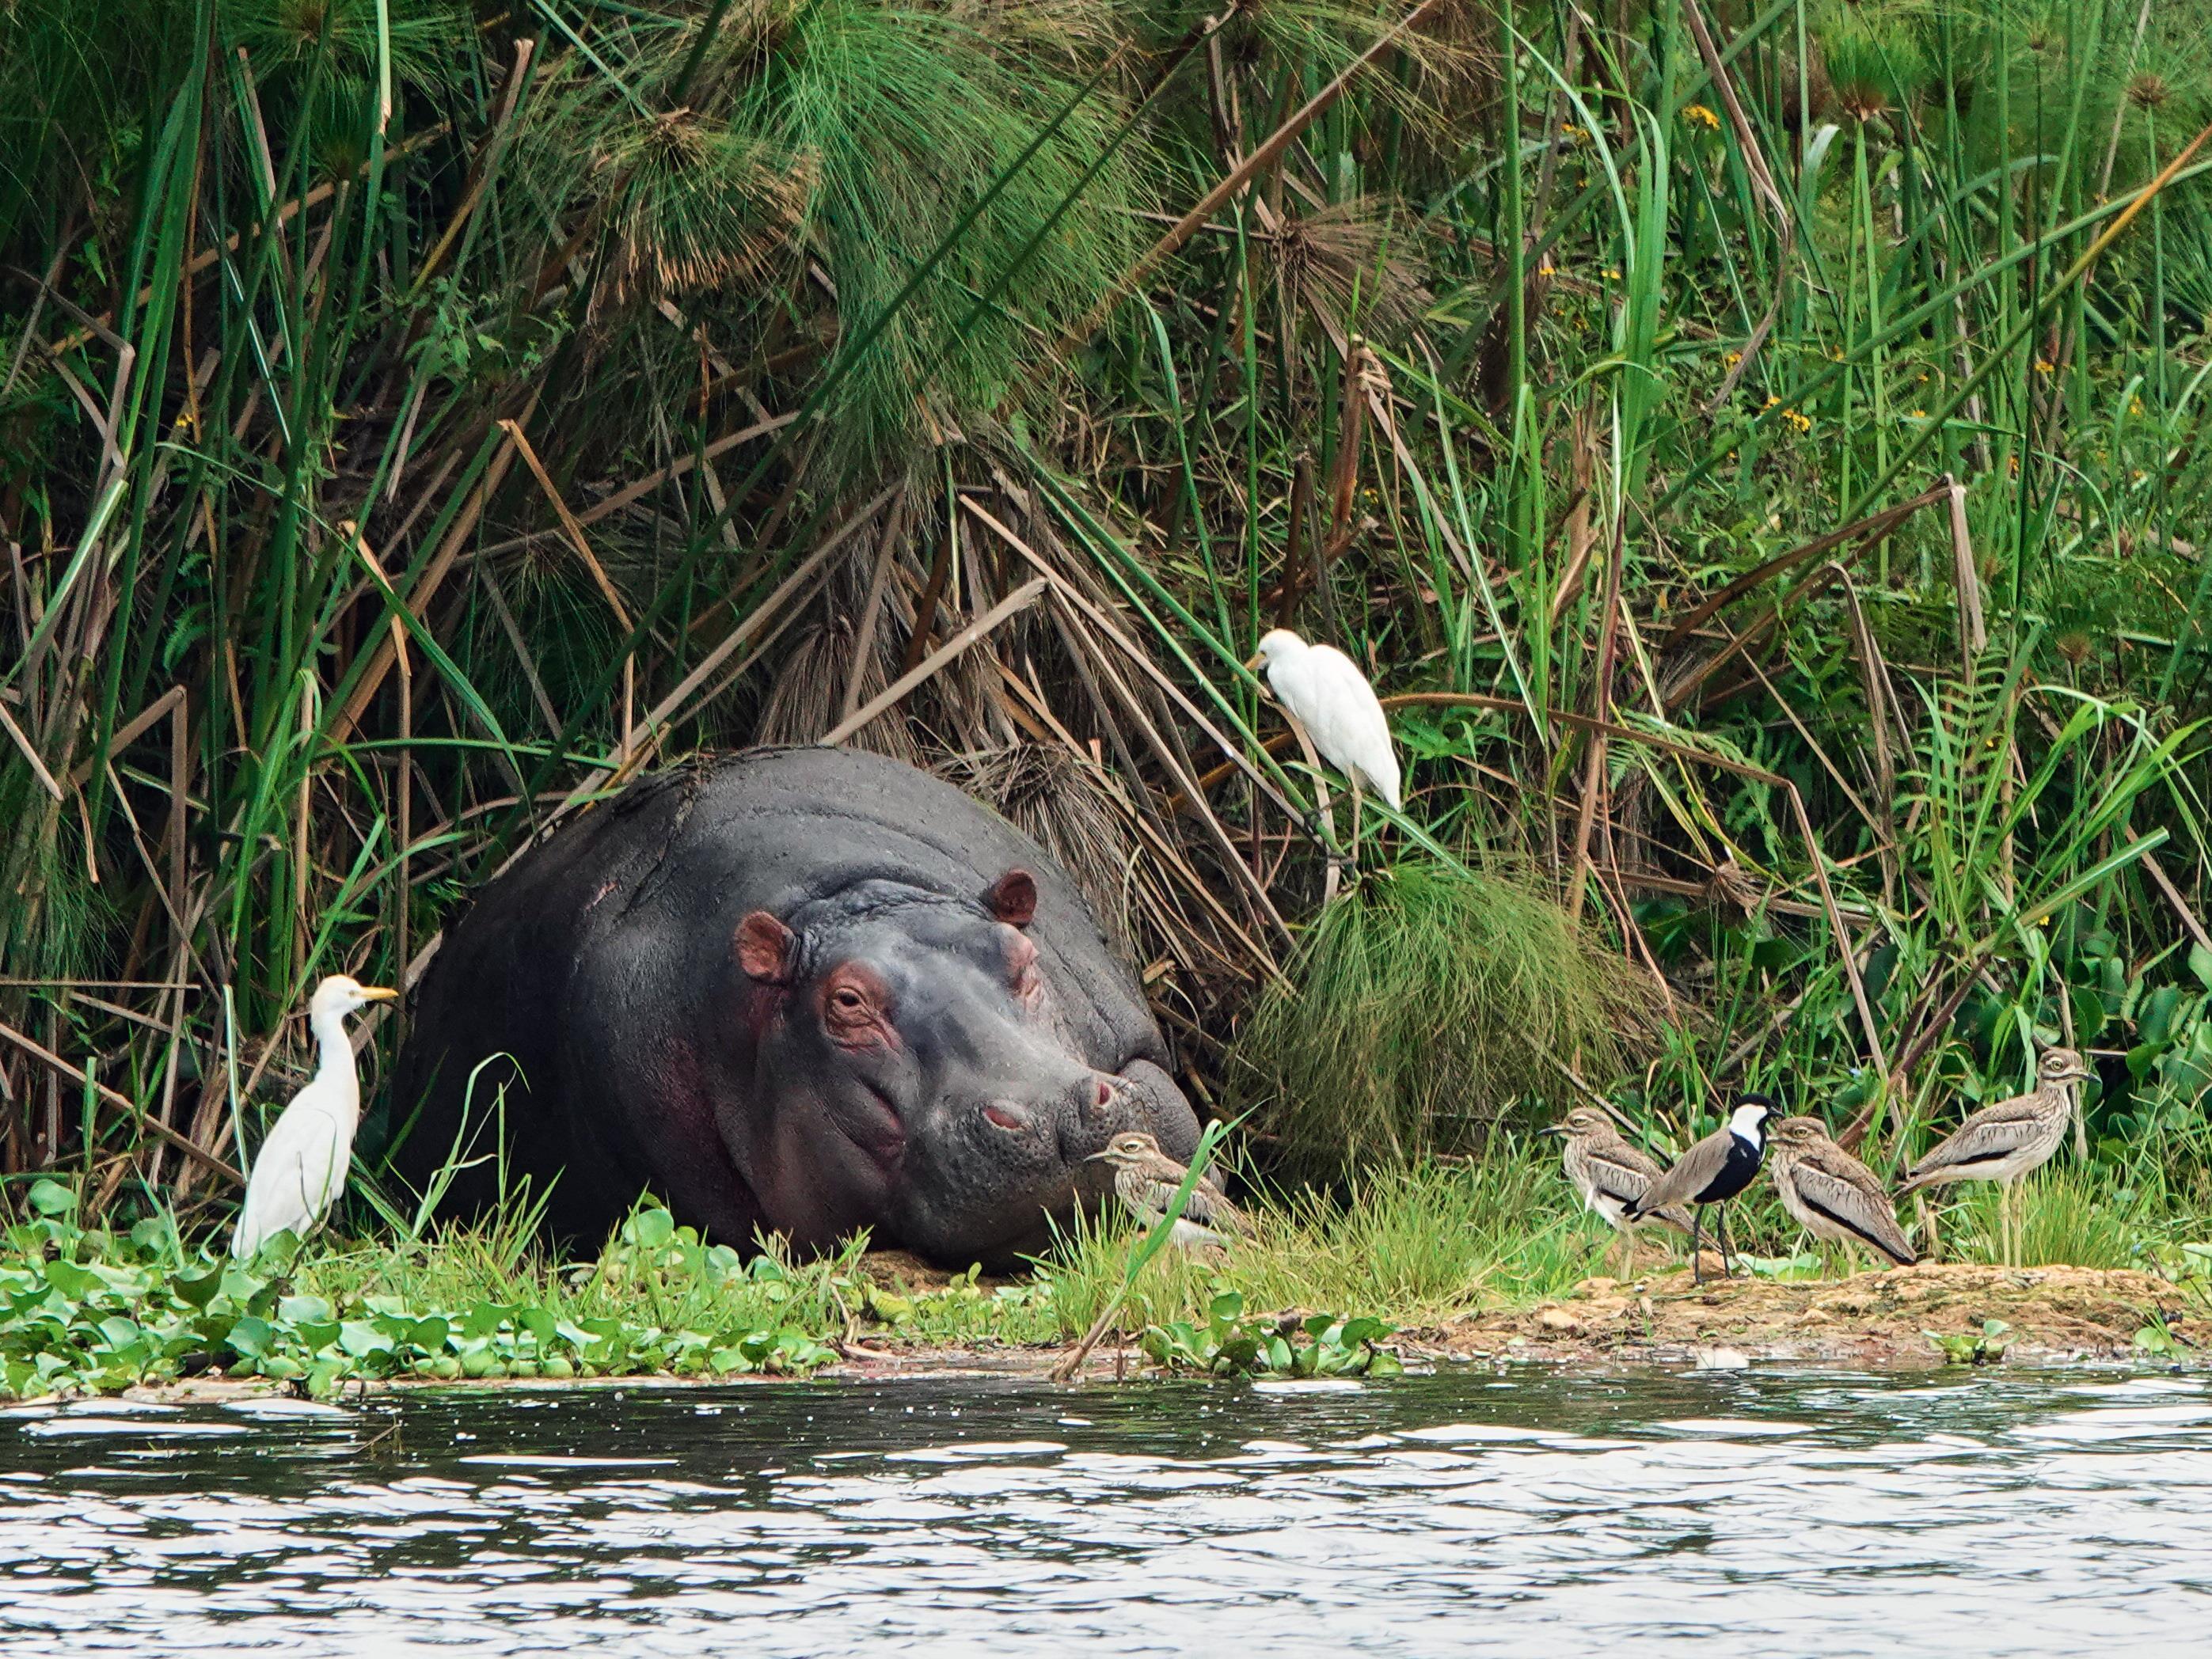 Un hippopotame entouré de plusieurs oiseaux, tout près d'un point d'eau.